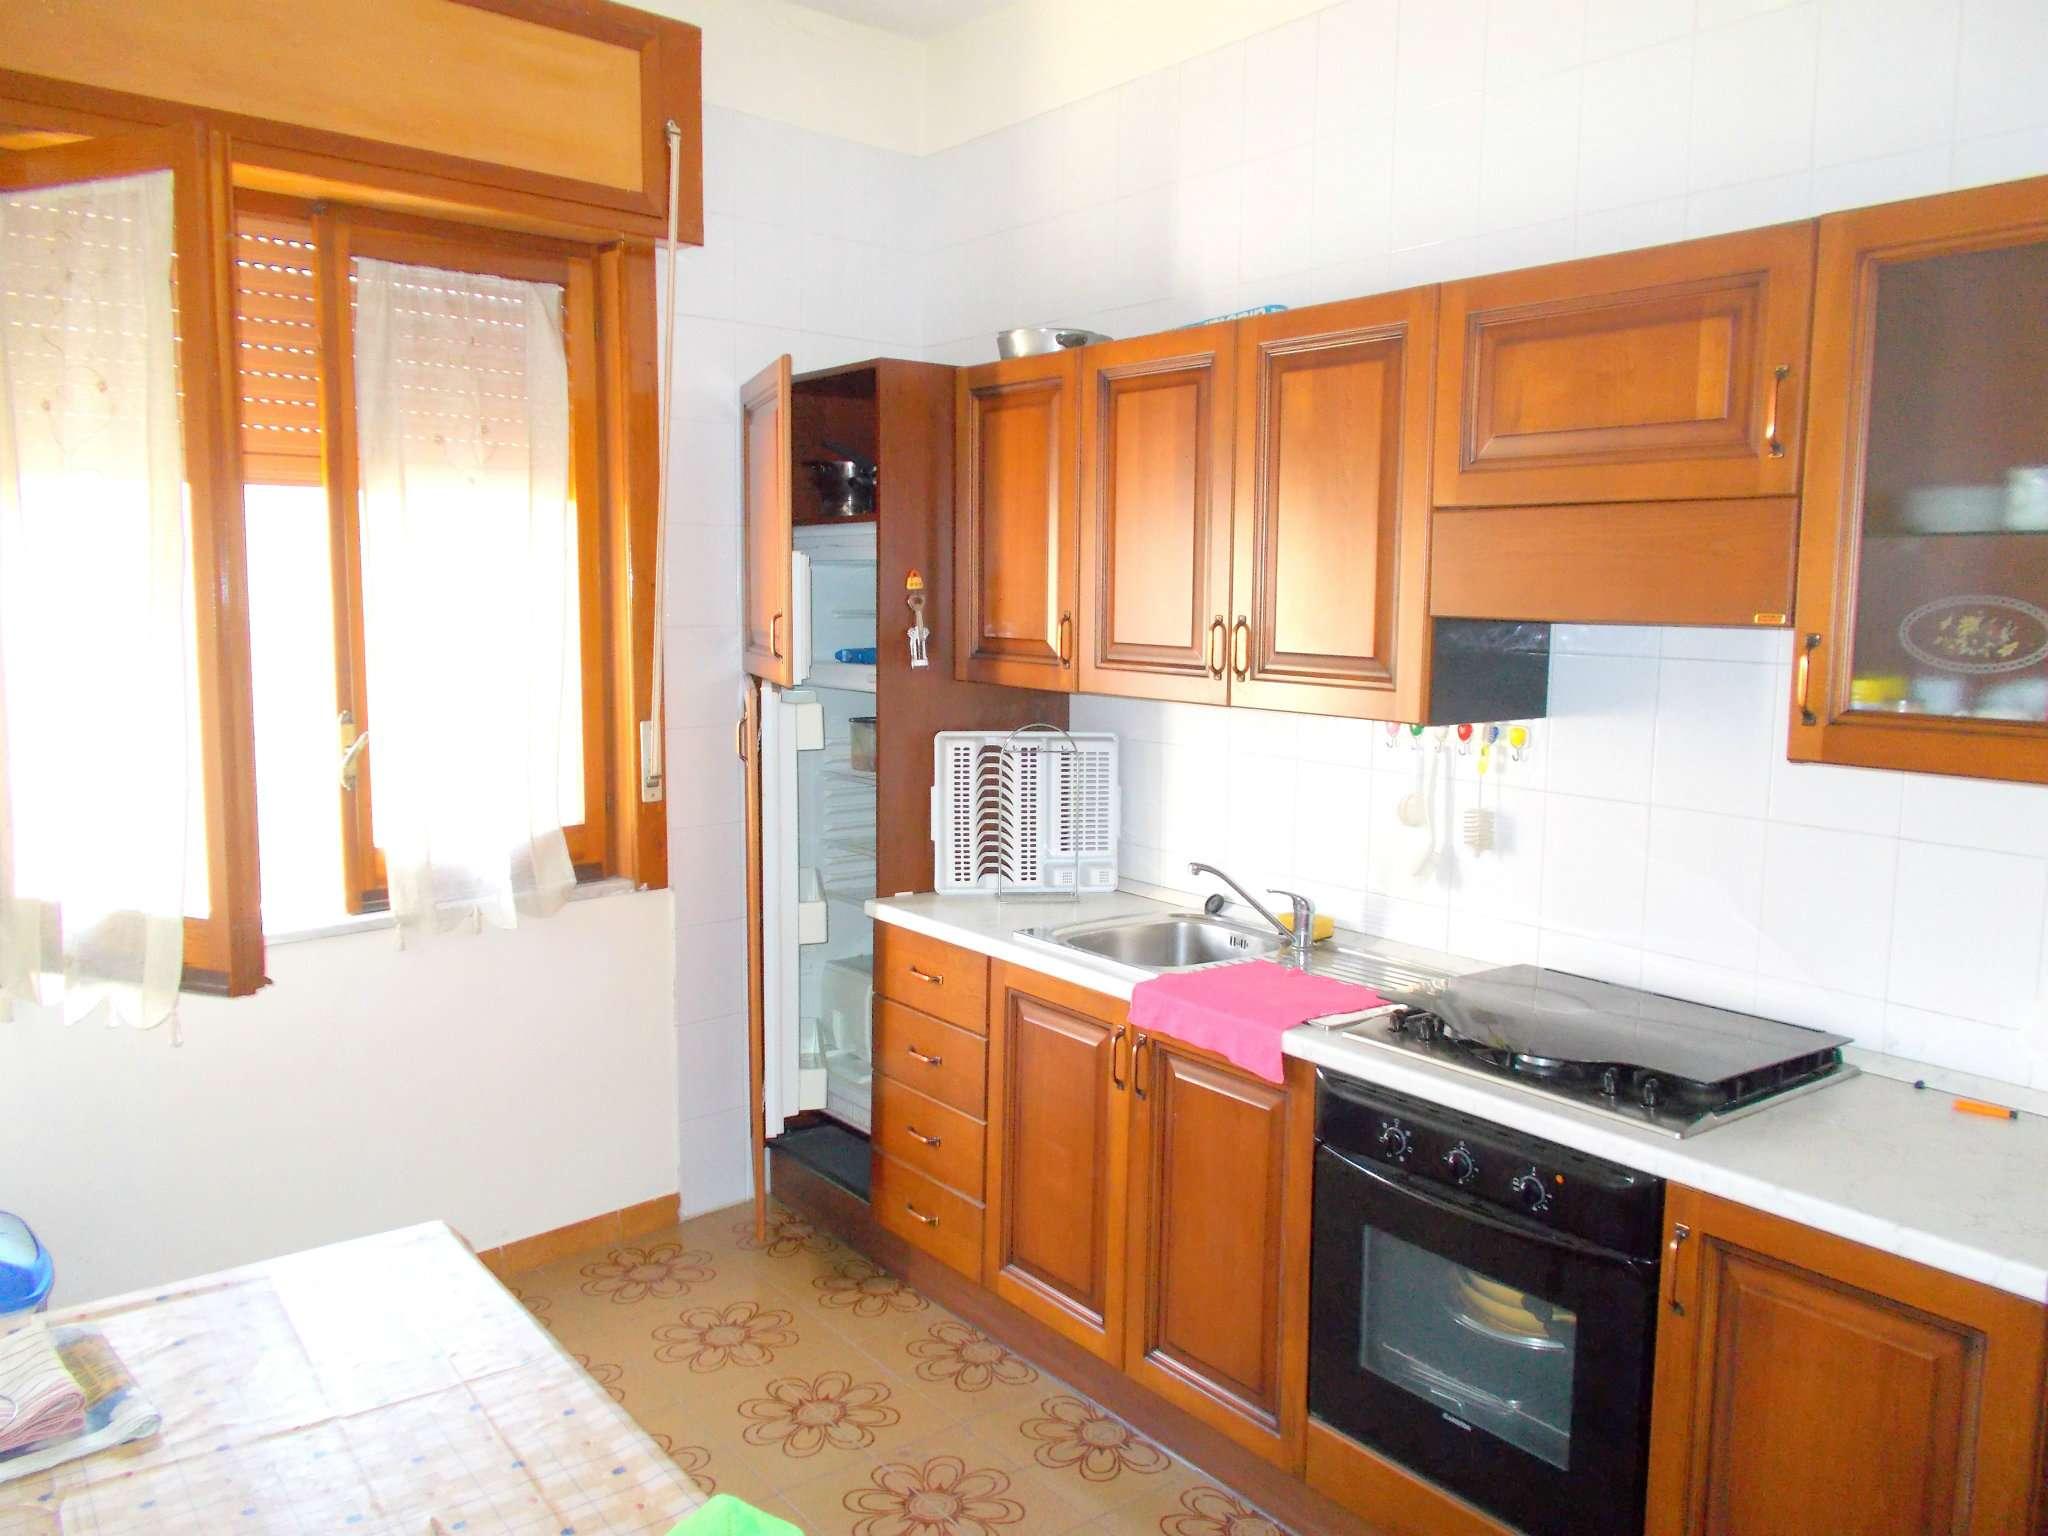 Soluzione Indipendente in vendita a Santa Maria a Vico, 6 locali, prezzo € 47.000 | Cambio Casa.it